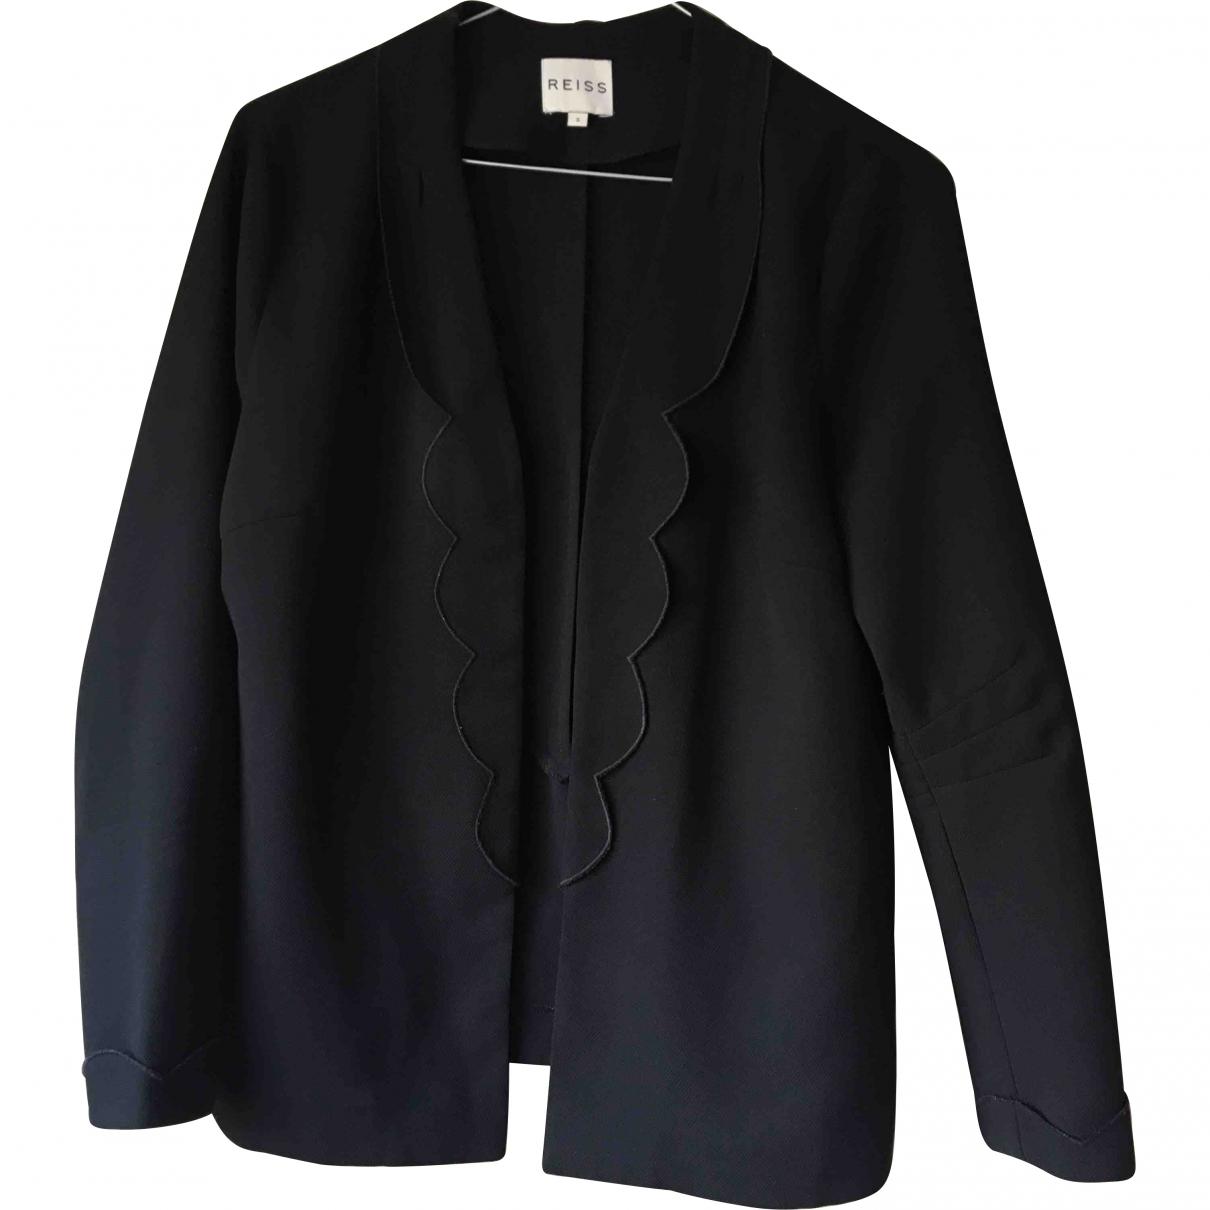 Reiss \N Black jacket for Women S International